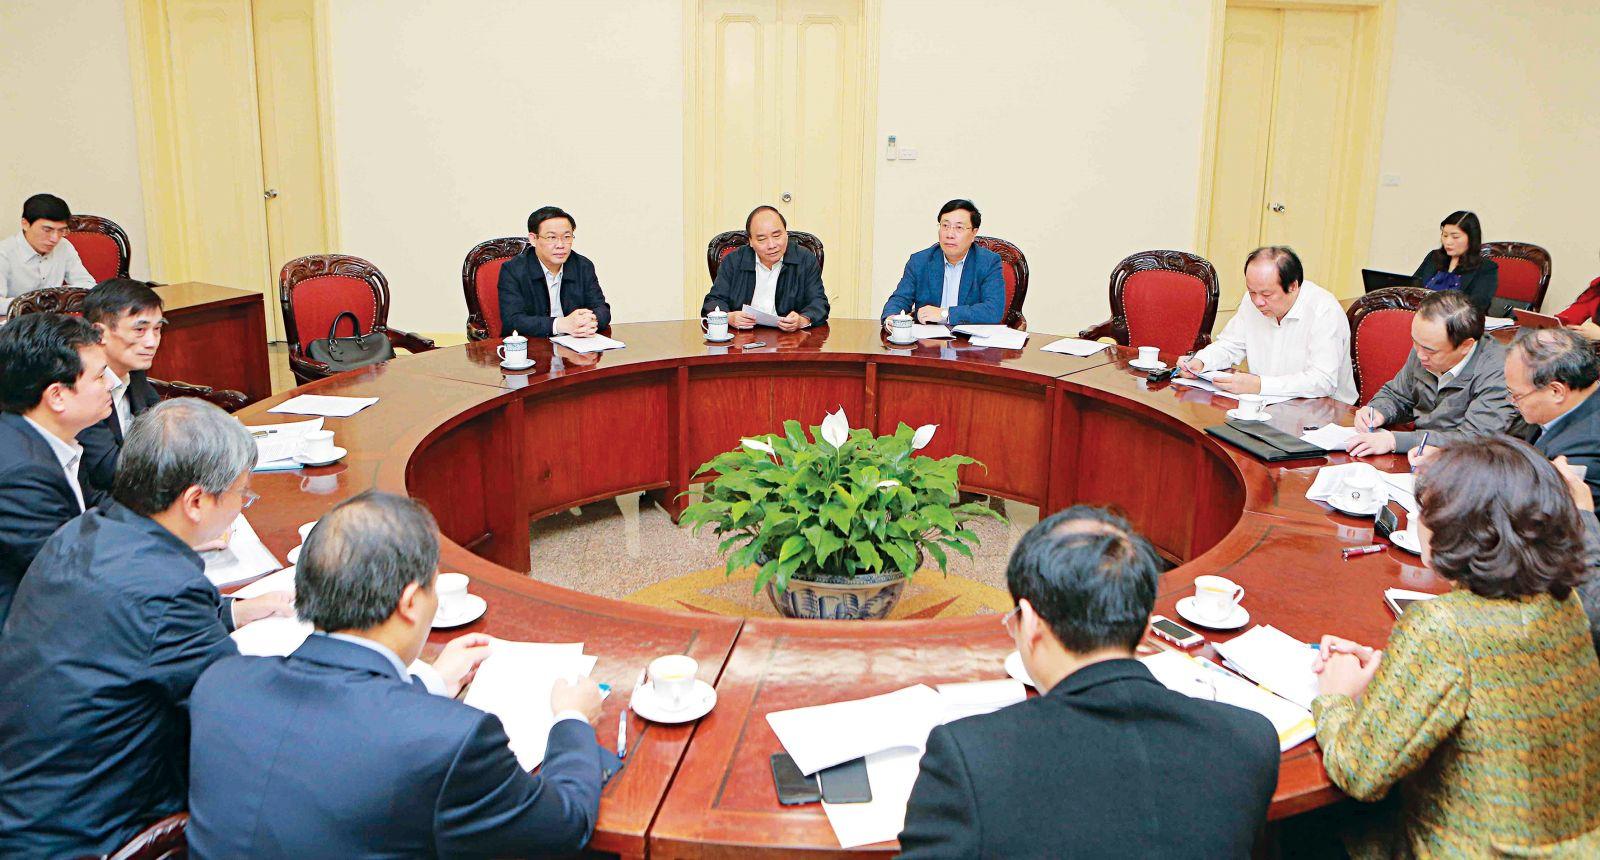 Thủ tướng Nguyễn Xuân Phúc chủ trì cuộc họp về tăng cường vốn vay ODA và vay ưu đãi cho chi đầu tư phát triển, không sử dụng cho chi thường xuyên. Ảnh: Dương Giang - TTXVN